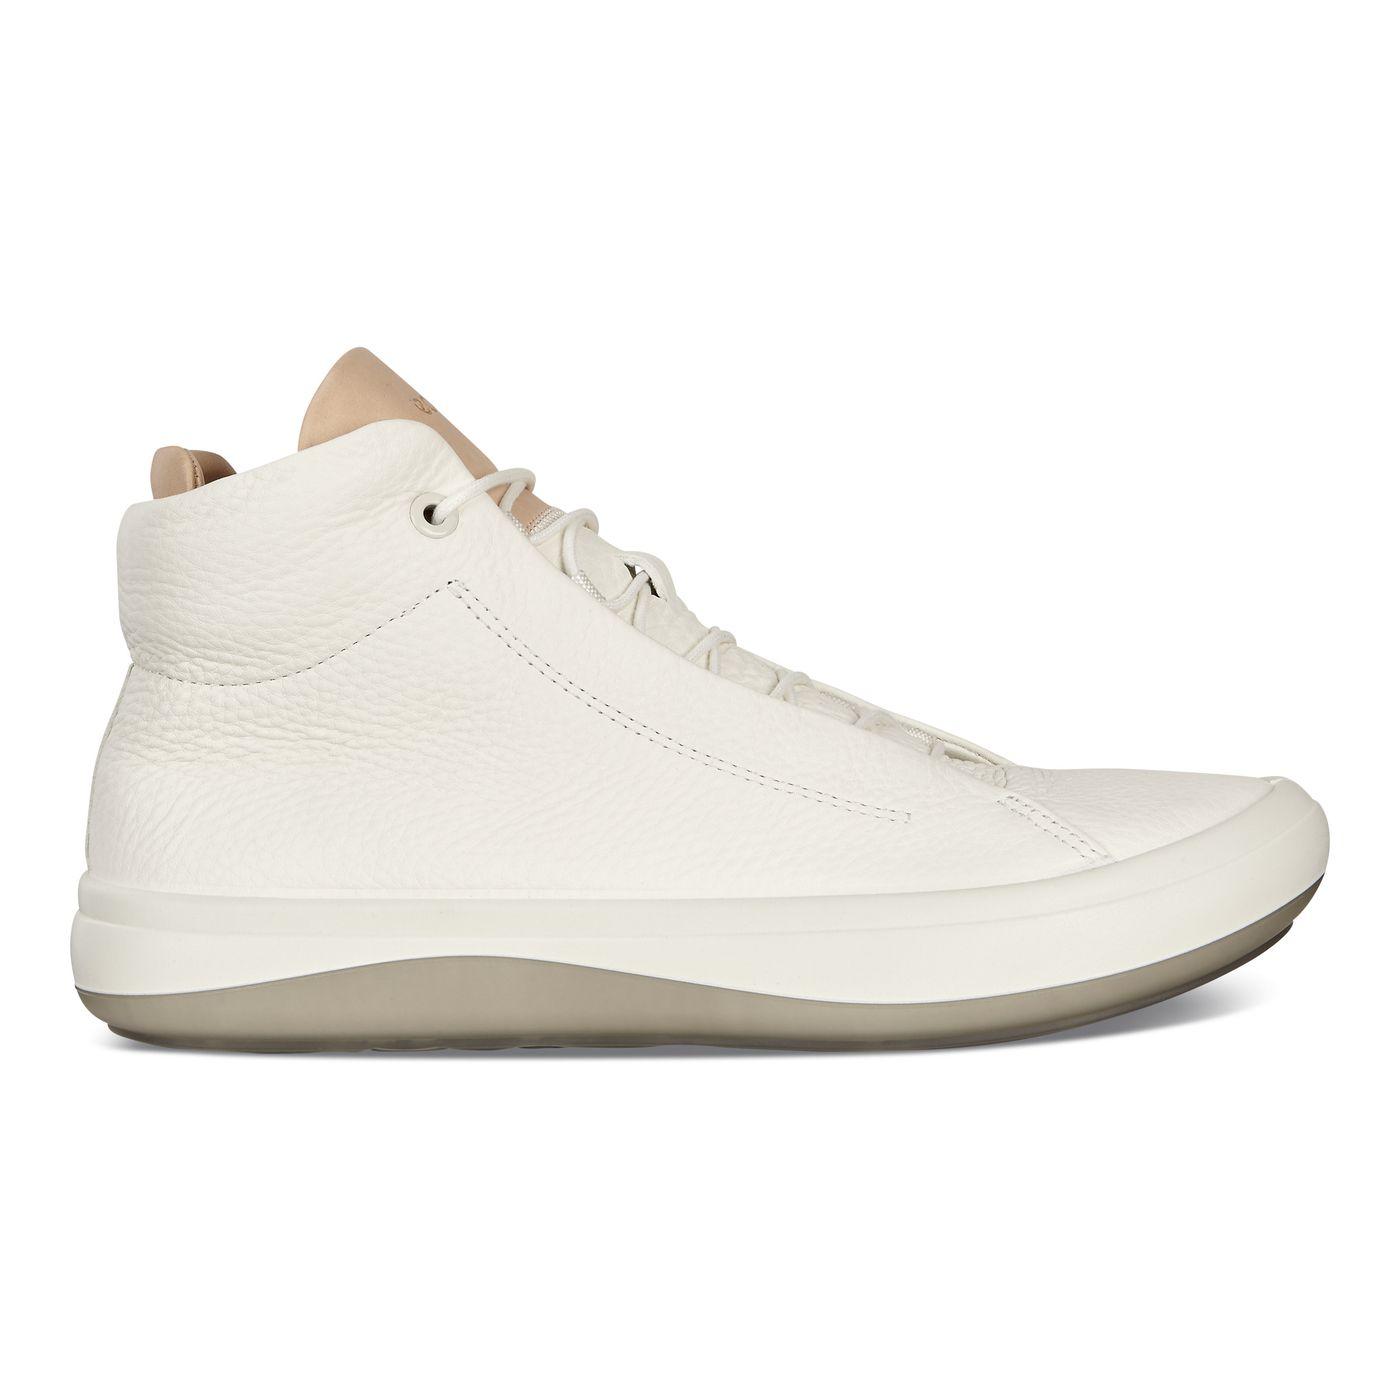 fafd9751 ECCO Kinhin High Top | Women's Boots | ECCO® Shoes in 2019 ...